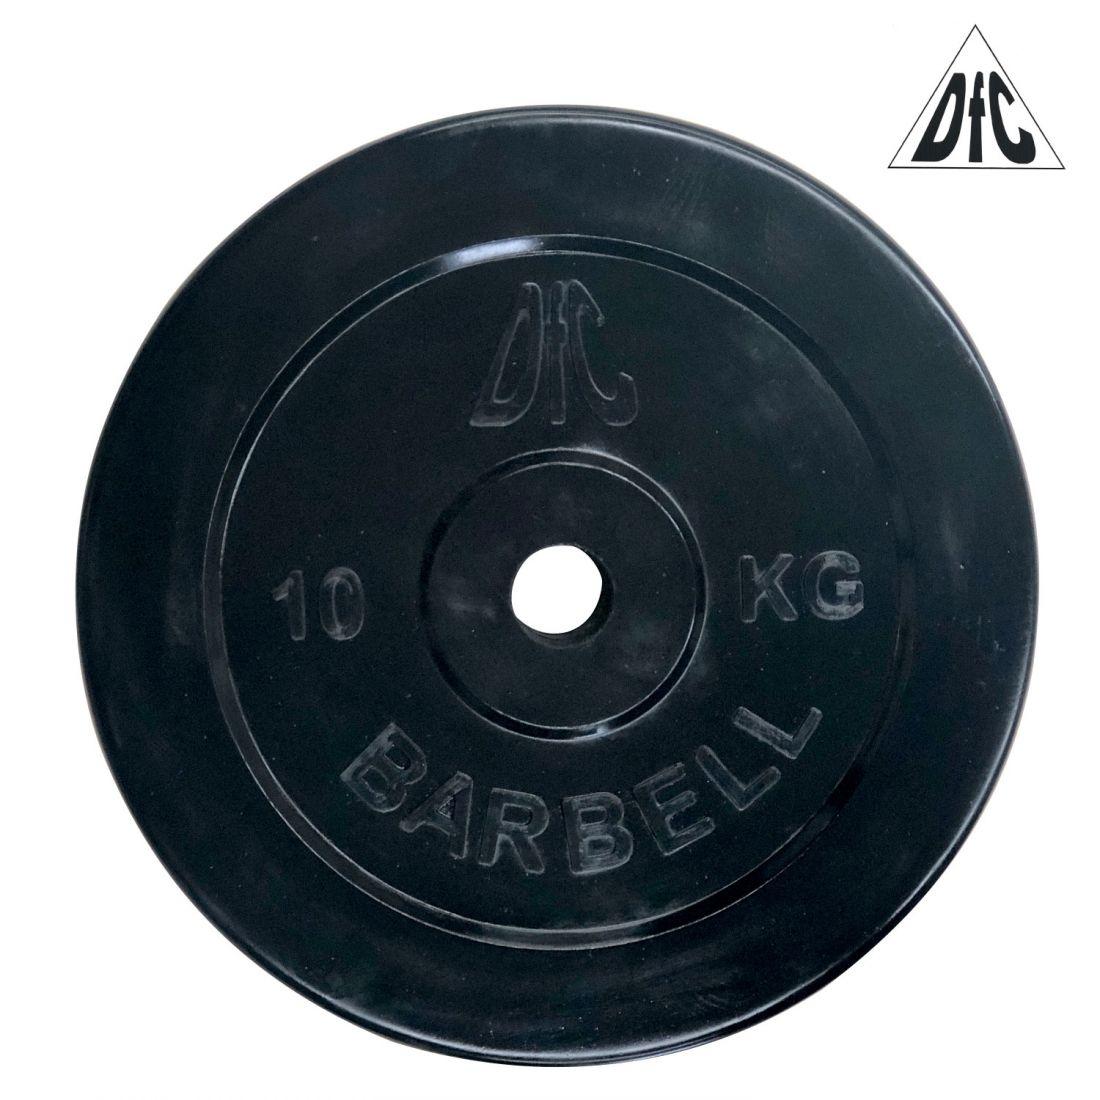 Диск обрезиненный DFC, чёрный, 26 мм, 10кг